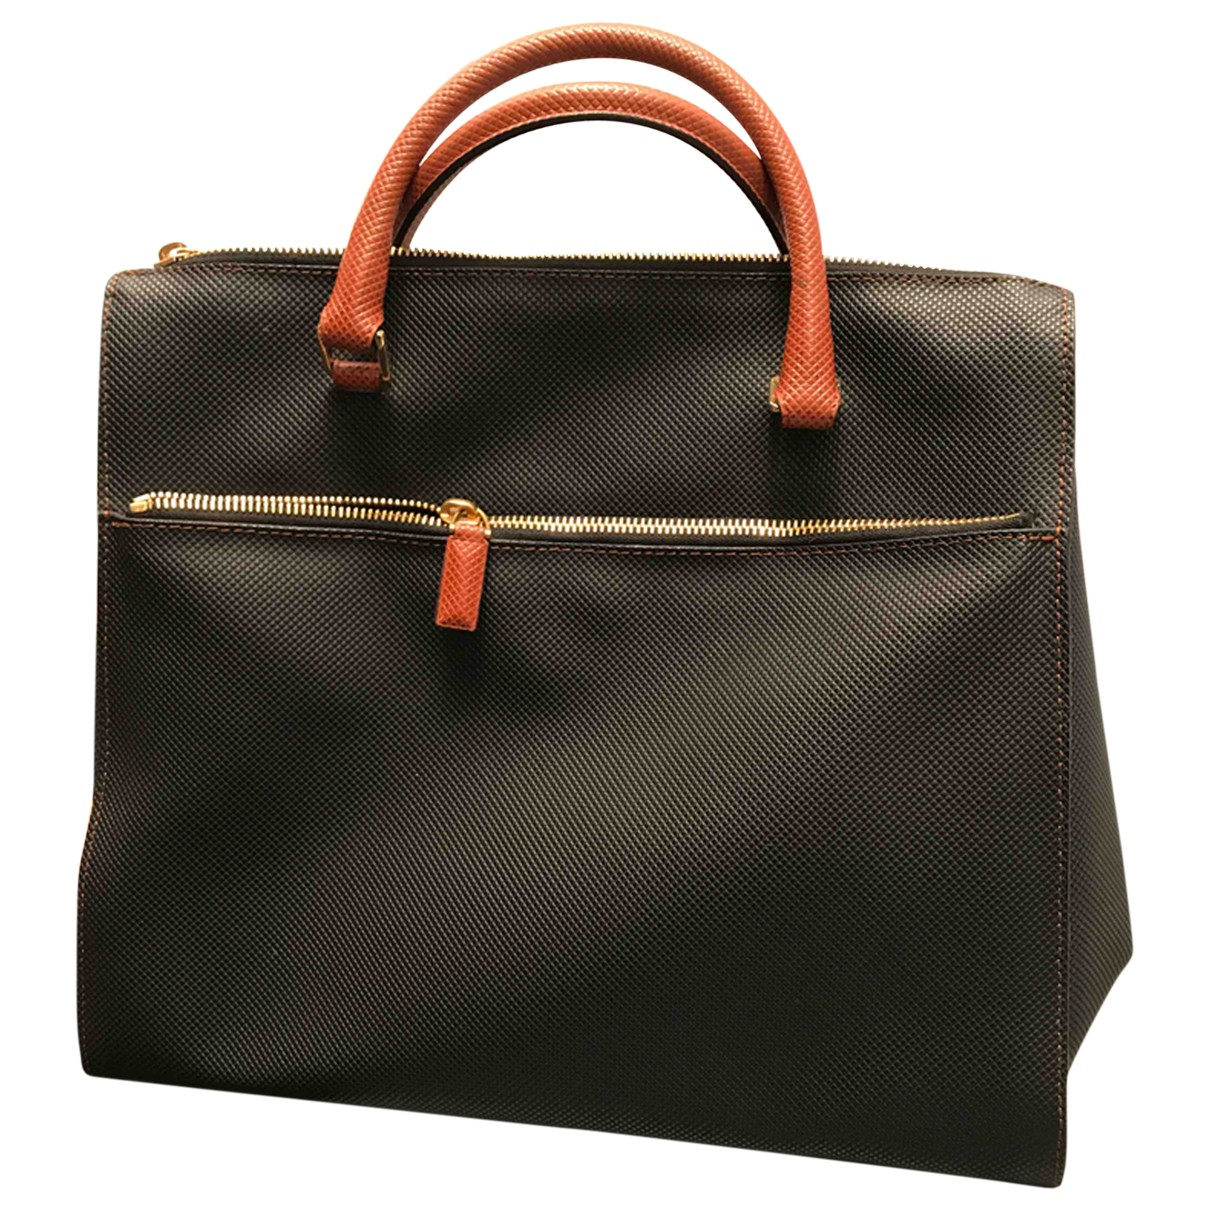 Bottega Veneta N Black handbag for Women N